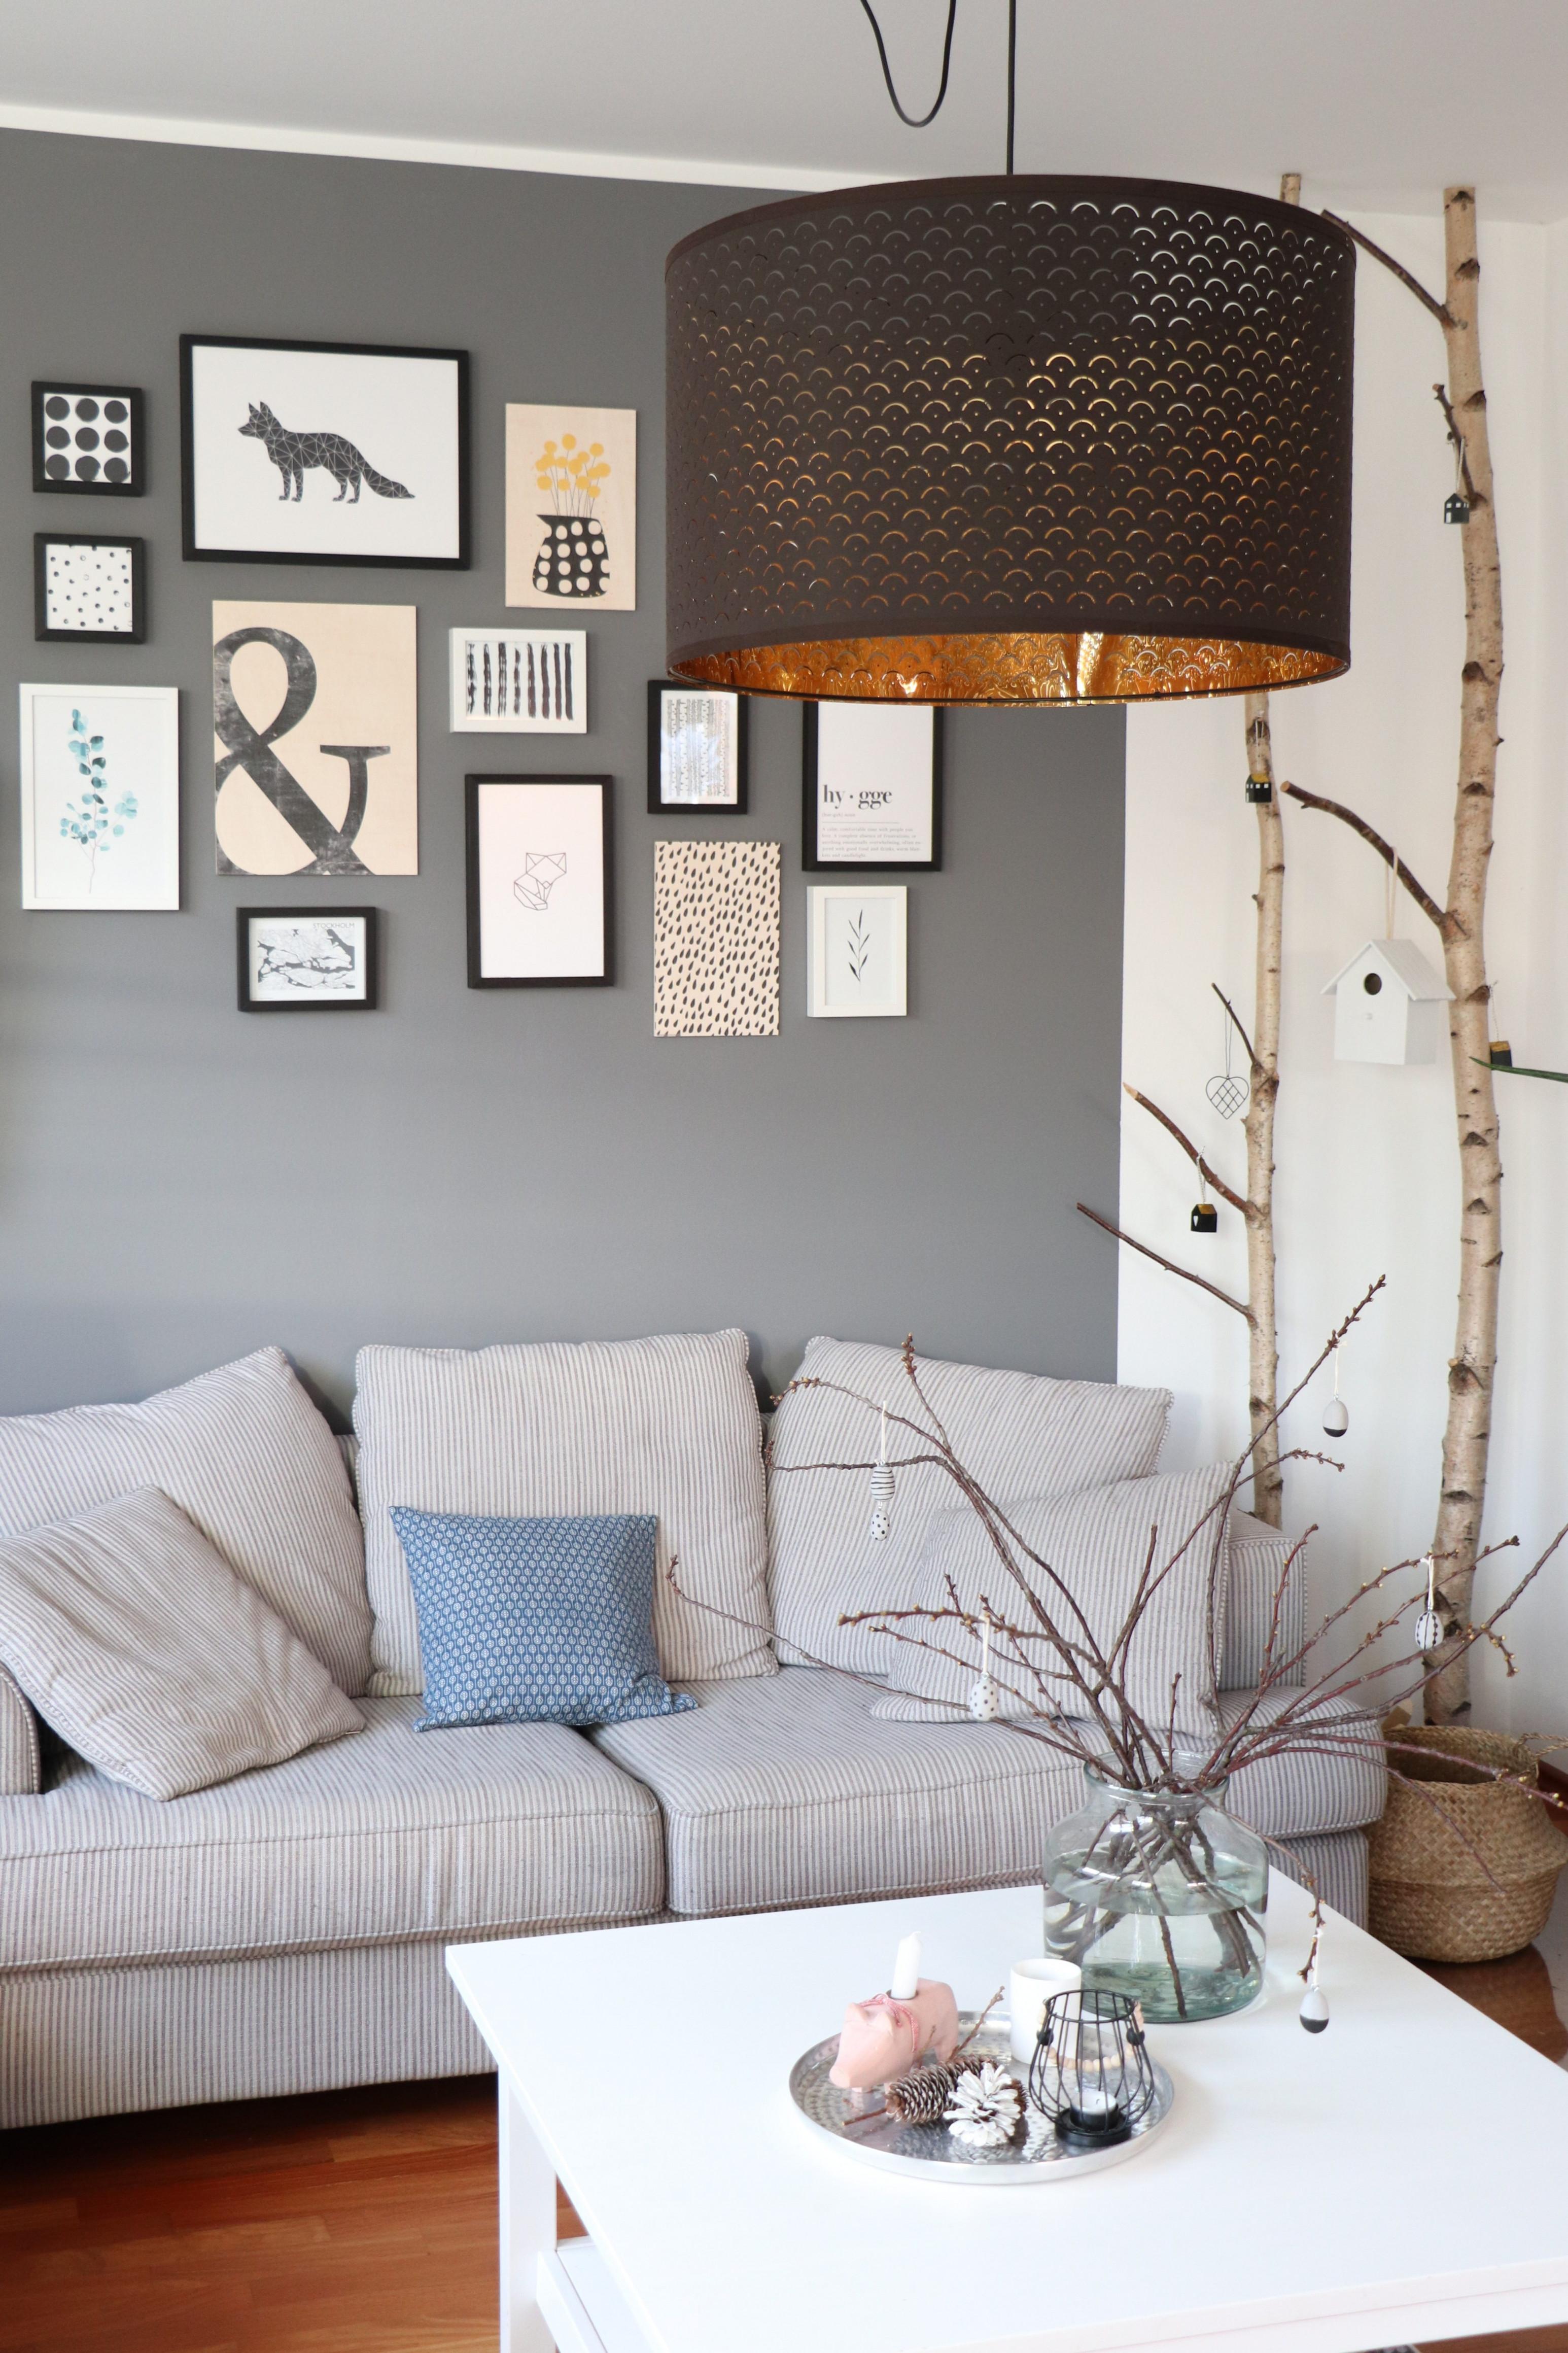 Bilder Fuer Wohnzimmer Ideen von Wohnzimmer Wandbilder Ideen Photo